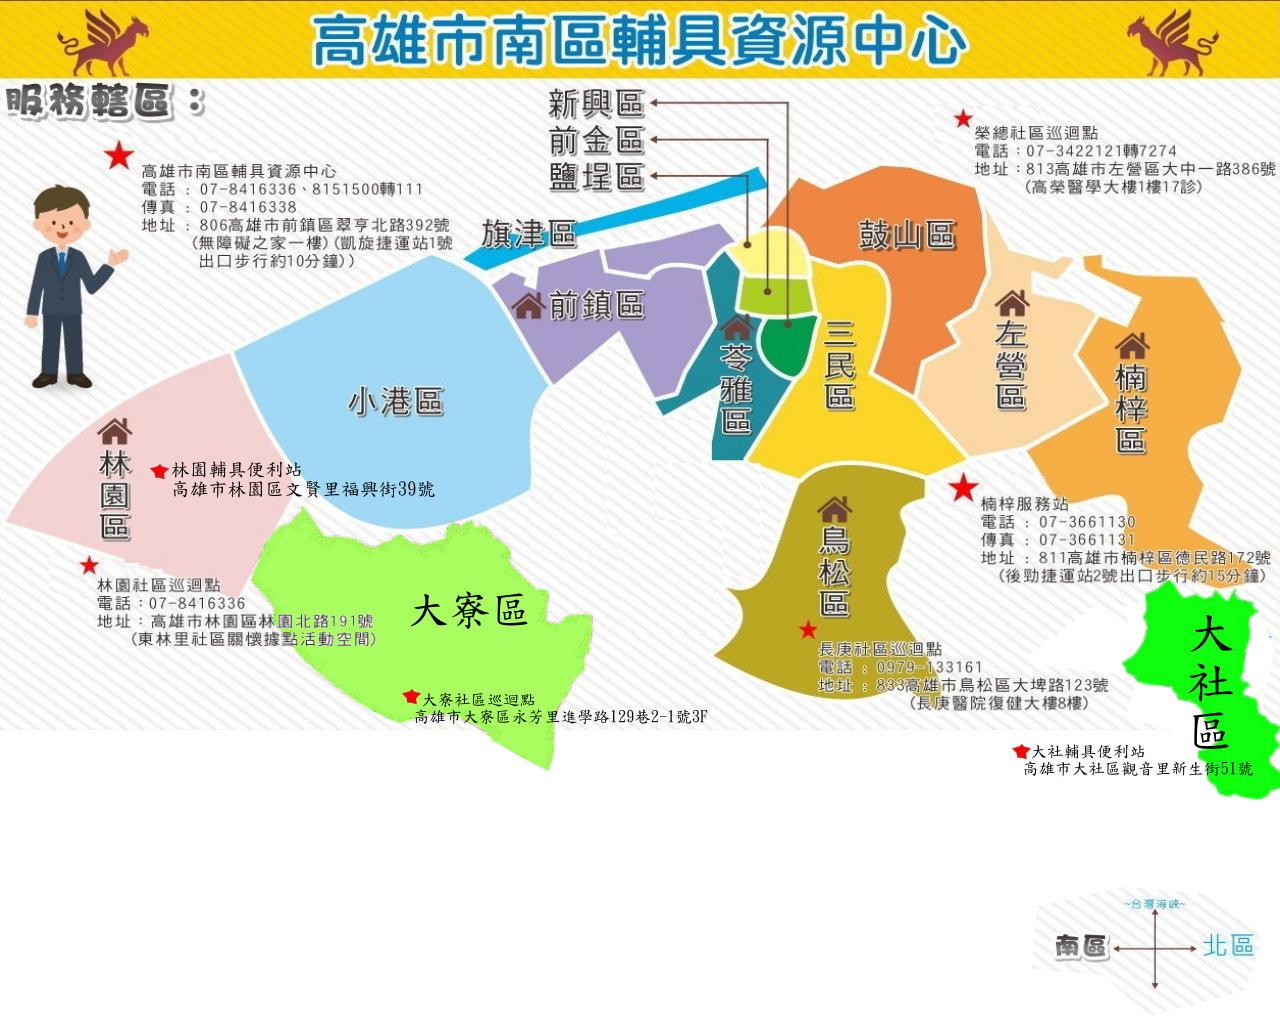 輔具中心地圖